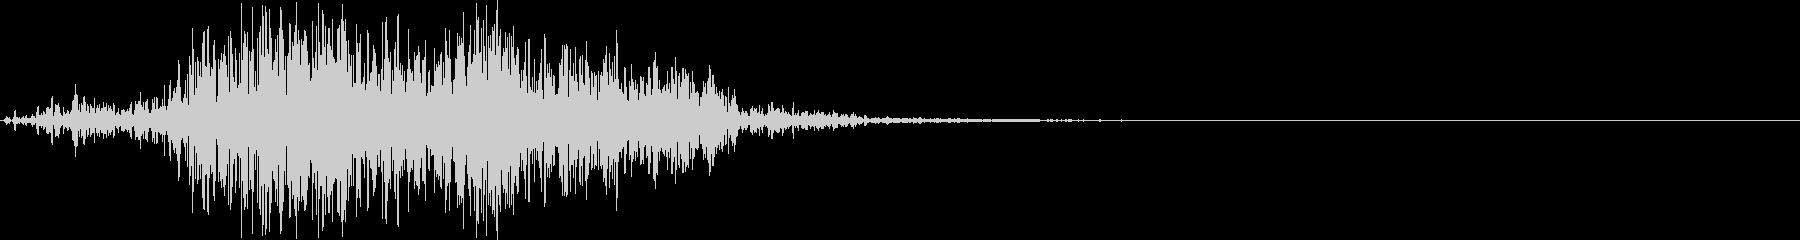 シャッ。素早く動く音(低)の未再生の波形